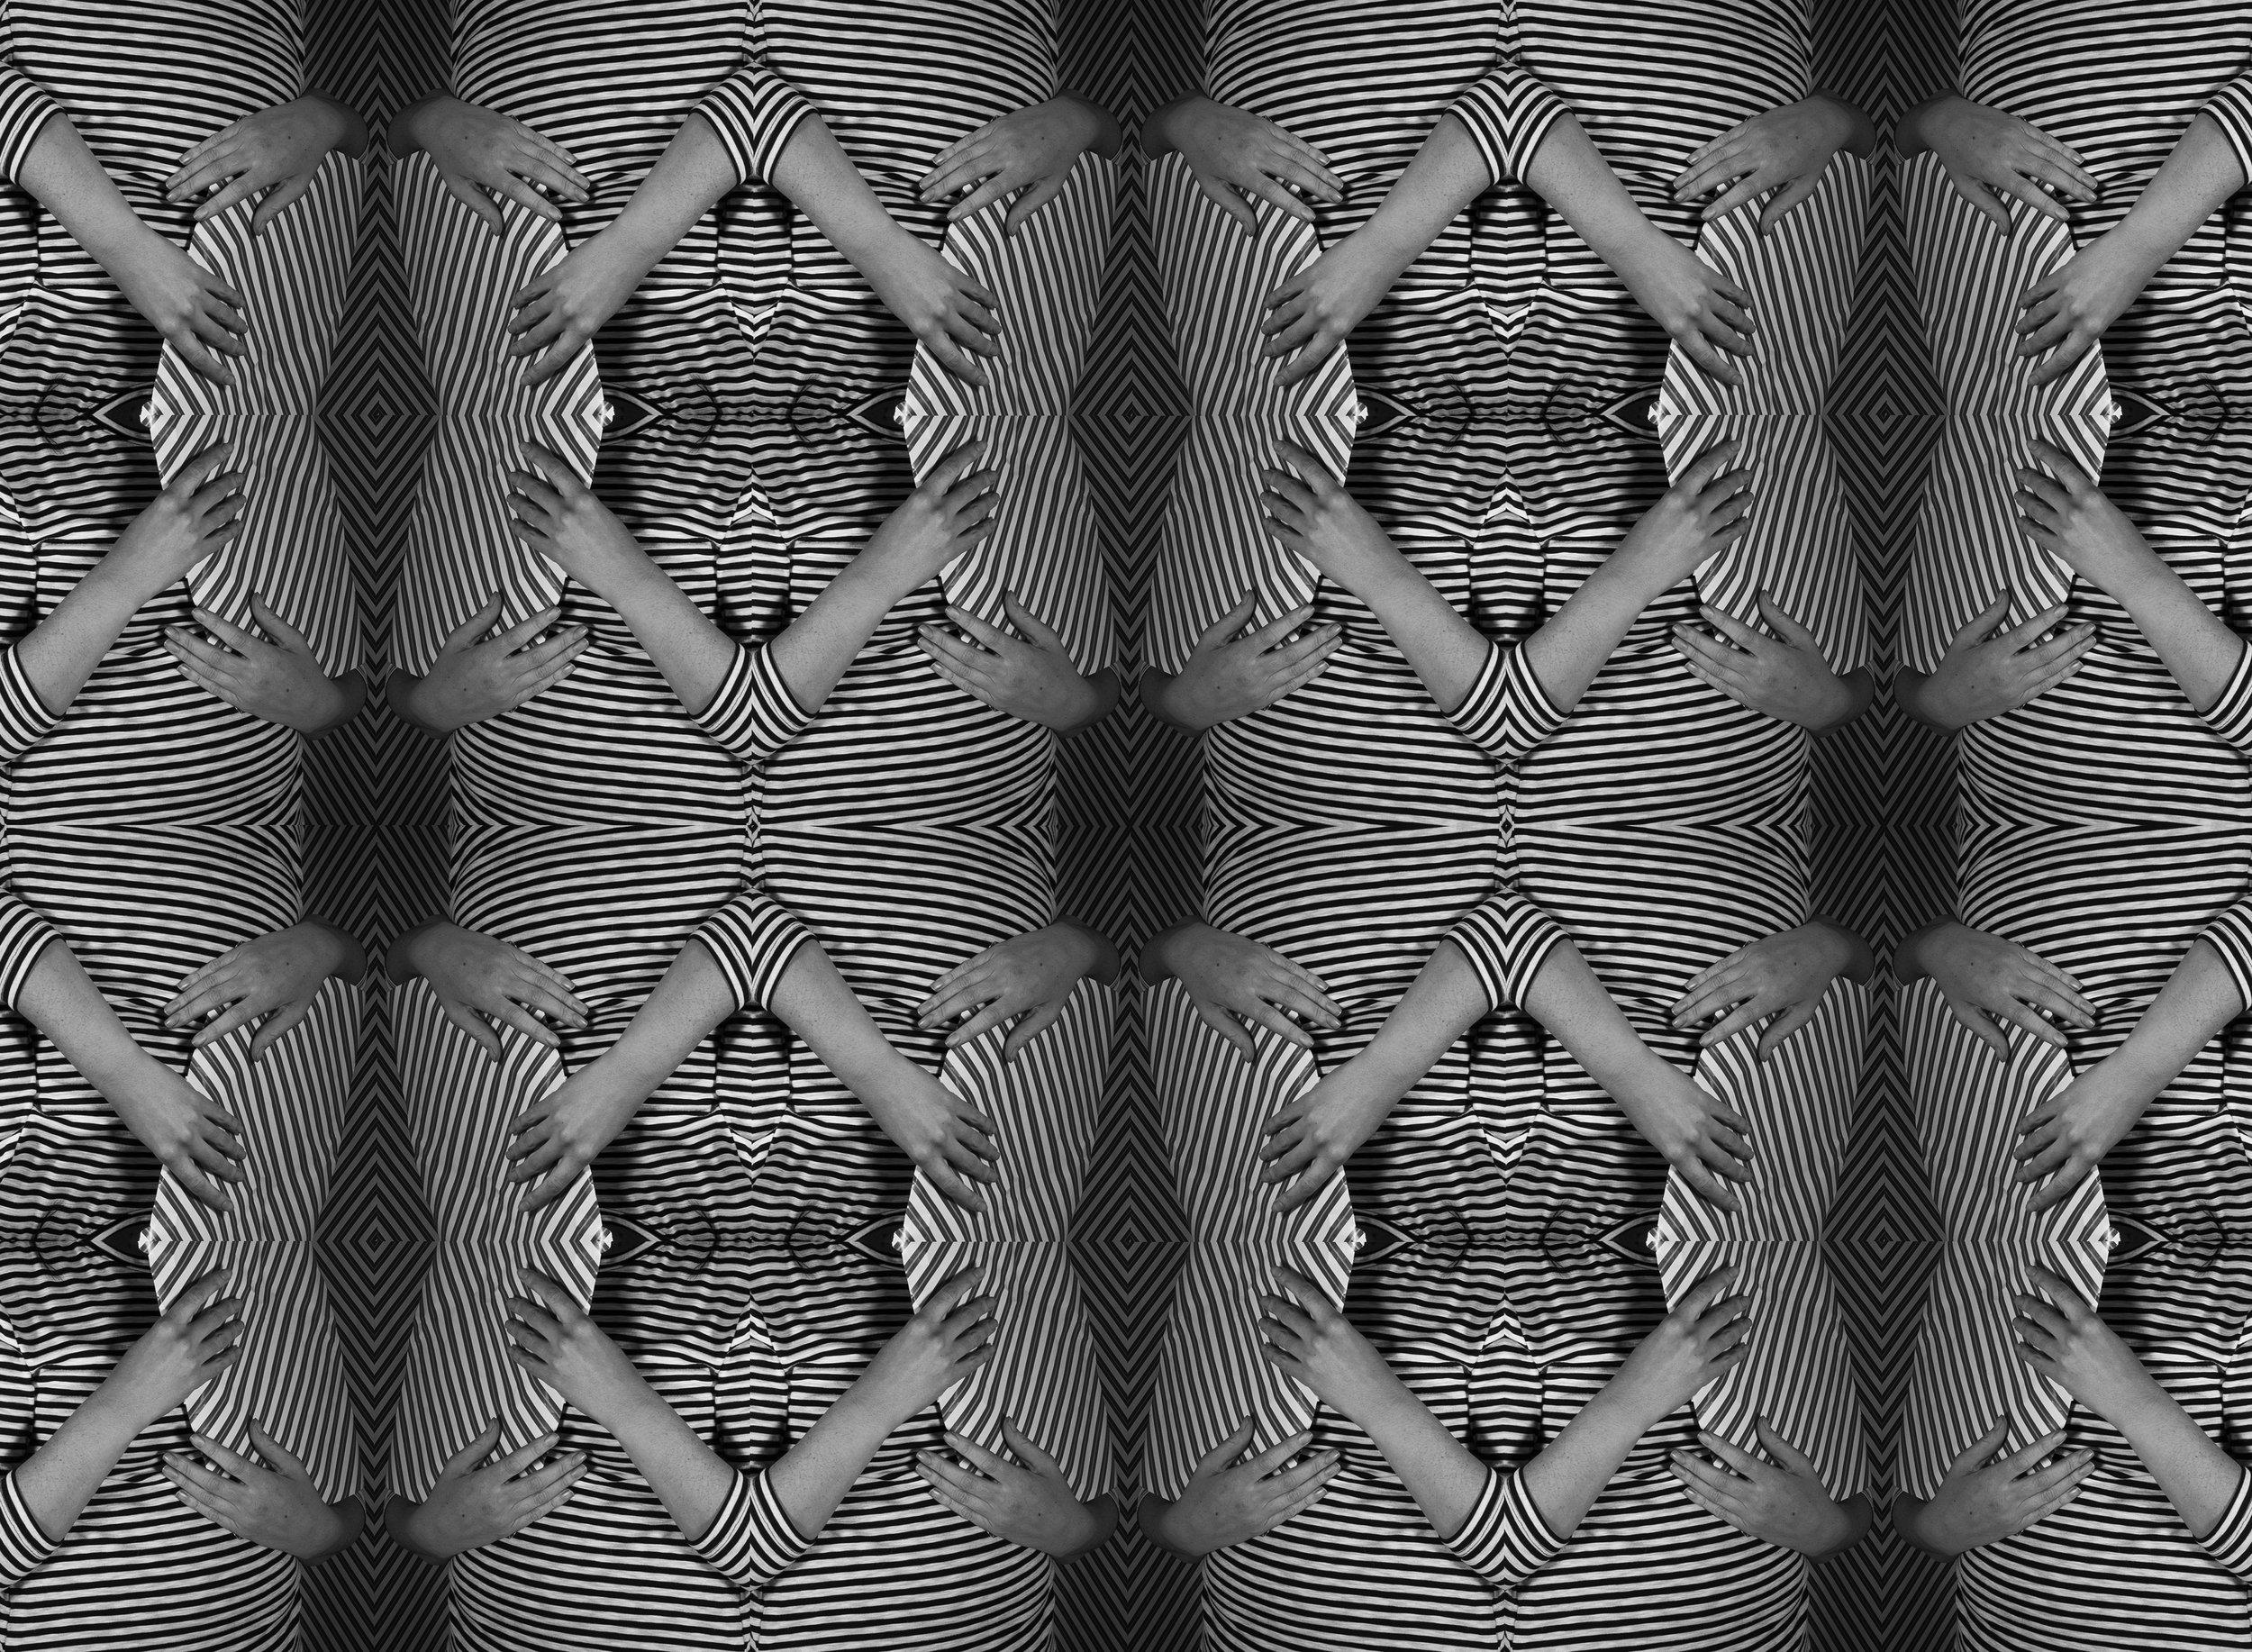 whitt_mindloop_artworkexample8.jpg